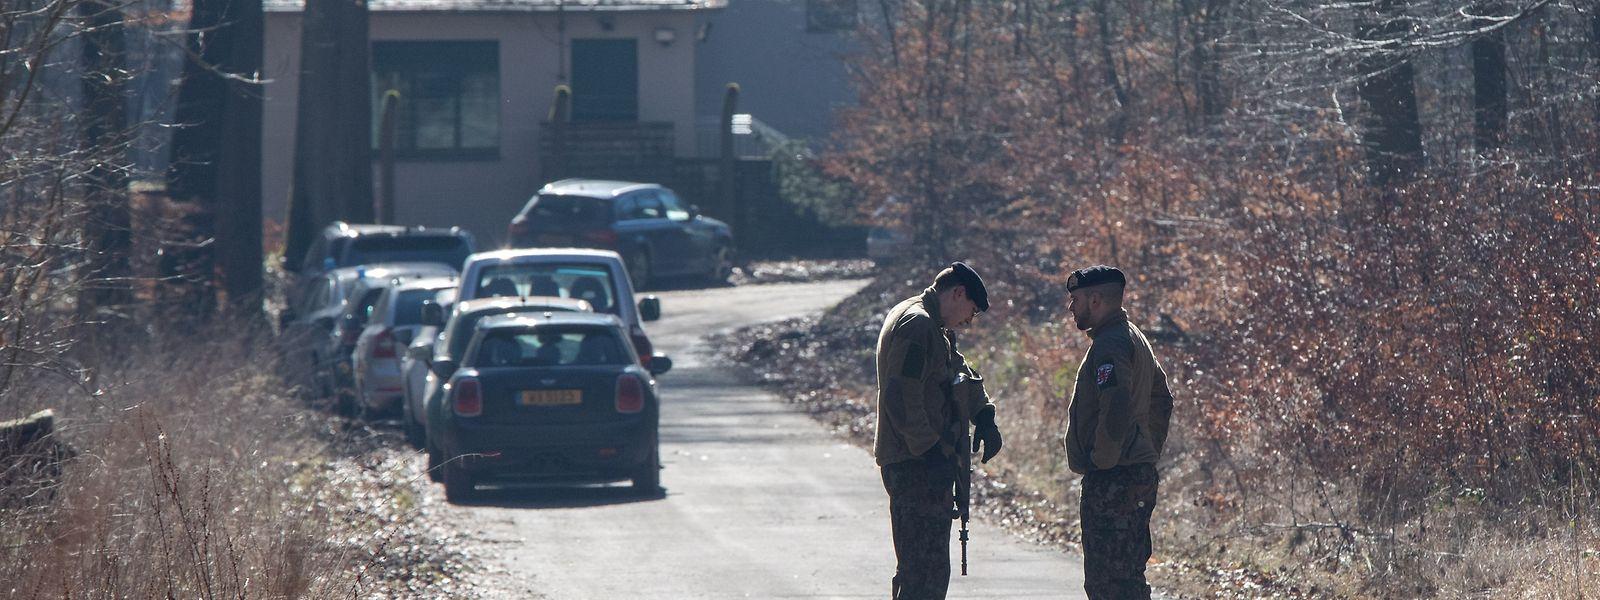 Das Unglück ereignete sich am 14. Februar 2019 auf dem Gelände des Munitionslagers der Luxemburger Armee. Es dient auch als Stützpunkt für den Kampfmittelräumdienst.